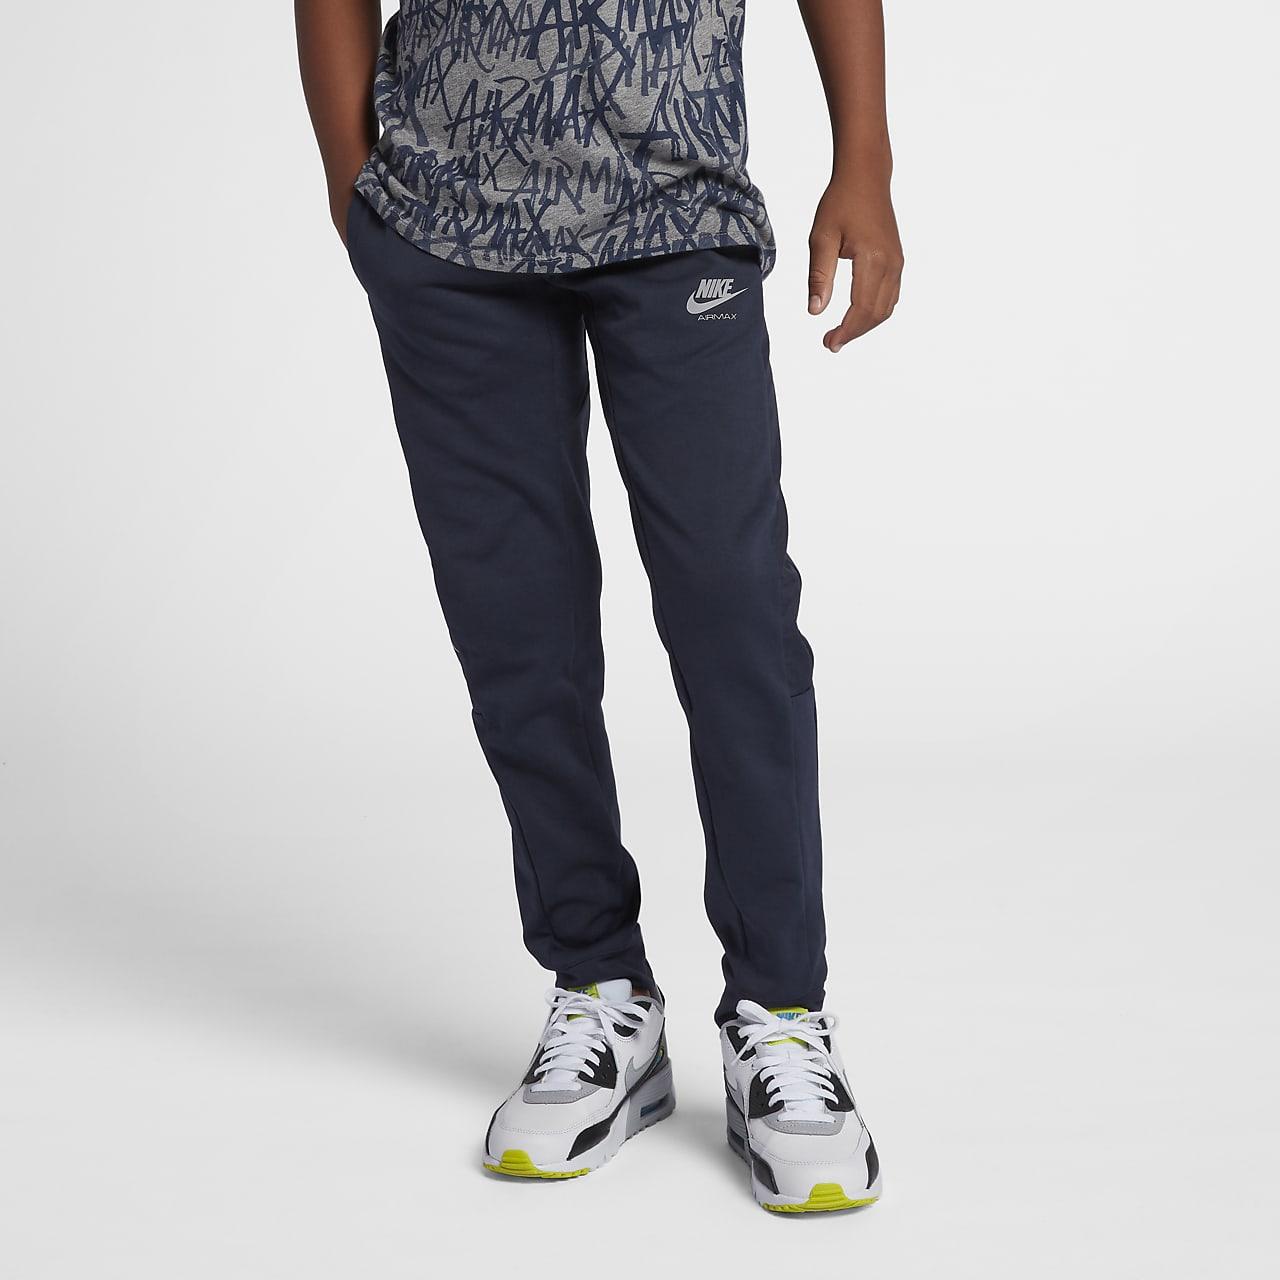 Pantalon Nike Air Max Pour Garcon Plus Age Nike Ma